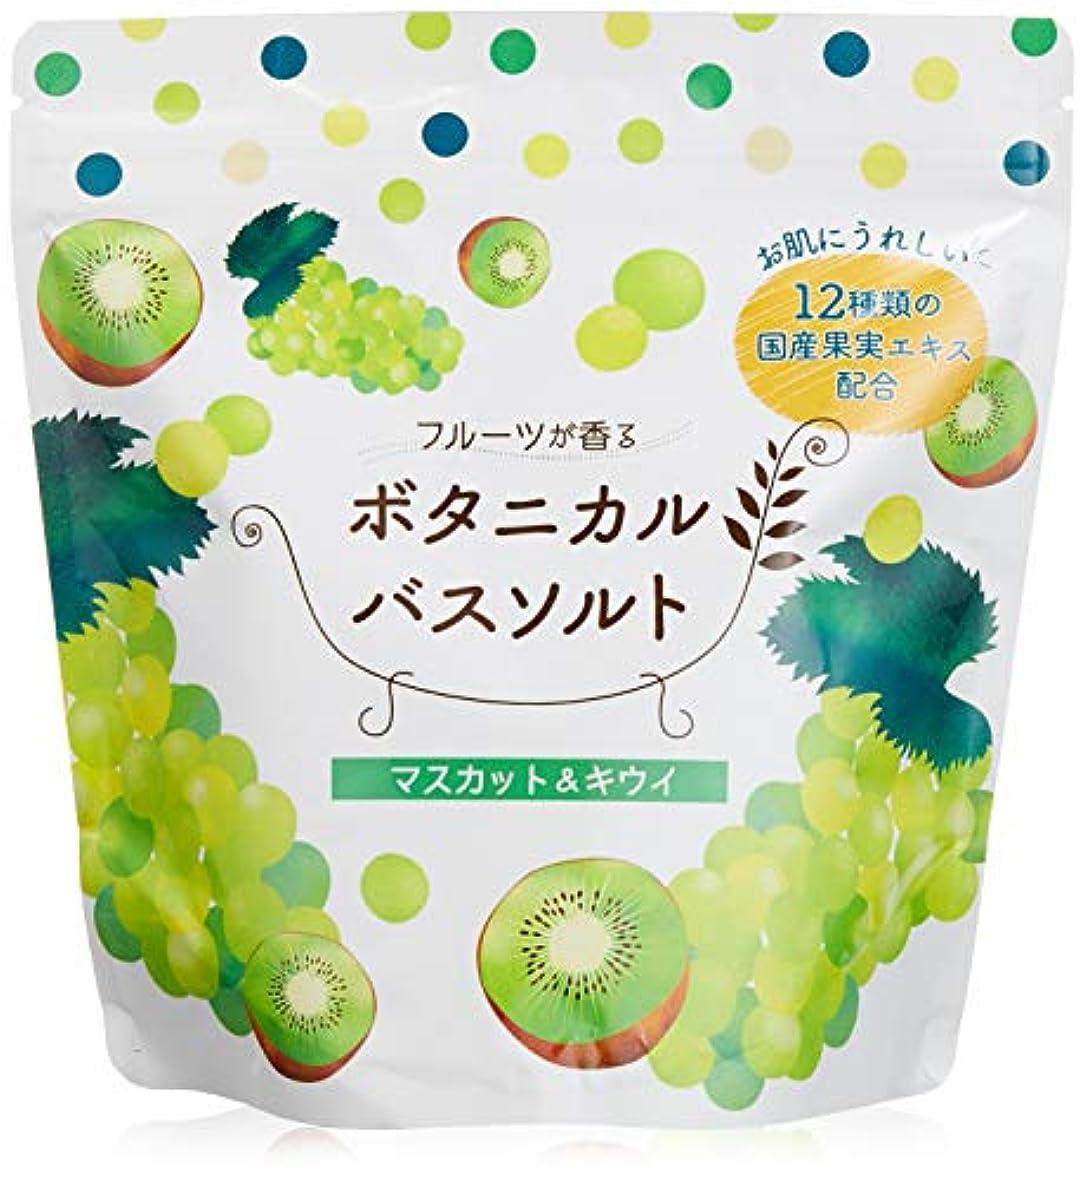 パンツ乳剤砂の松田医薬品 フルーツが香るボタニカルバスソルト マスカット&キウイ 450g